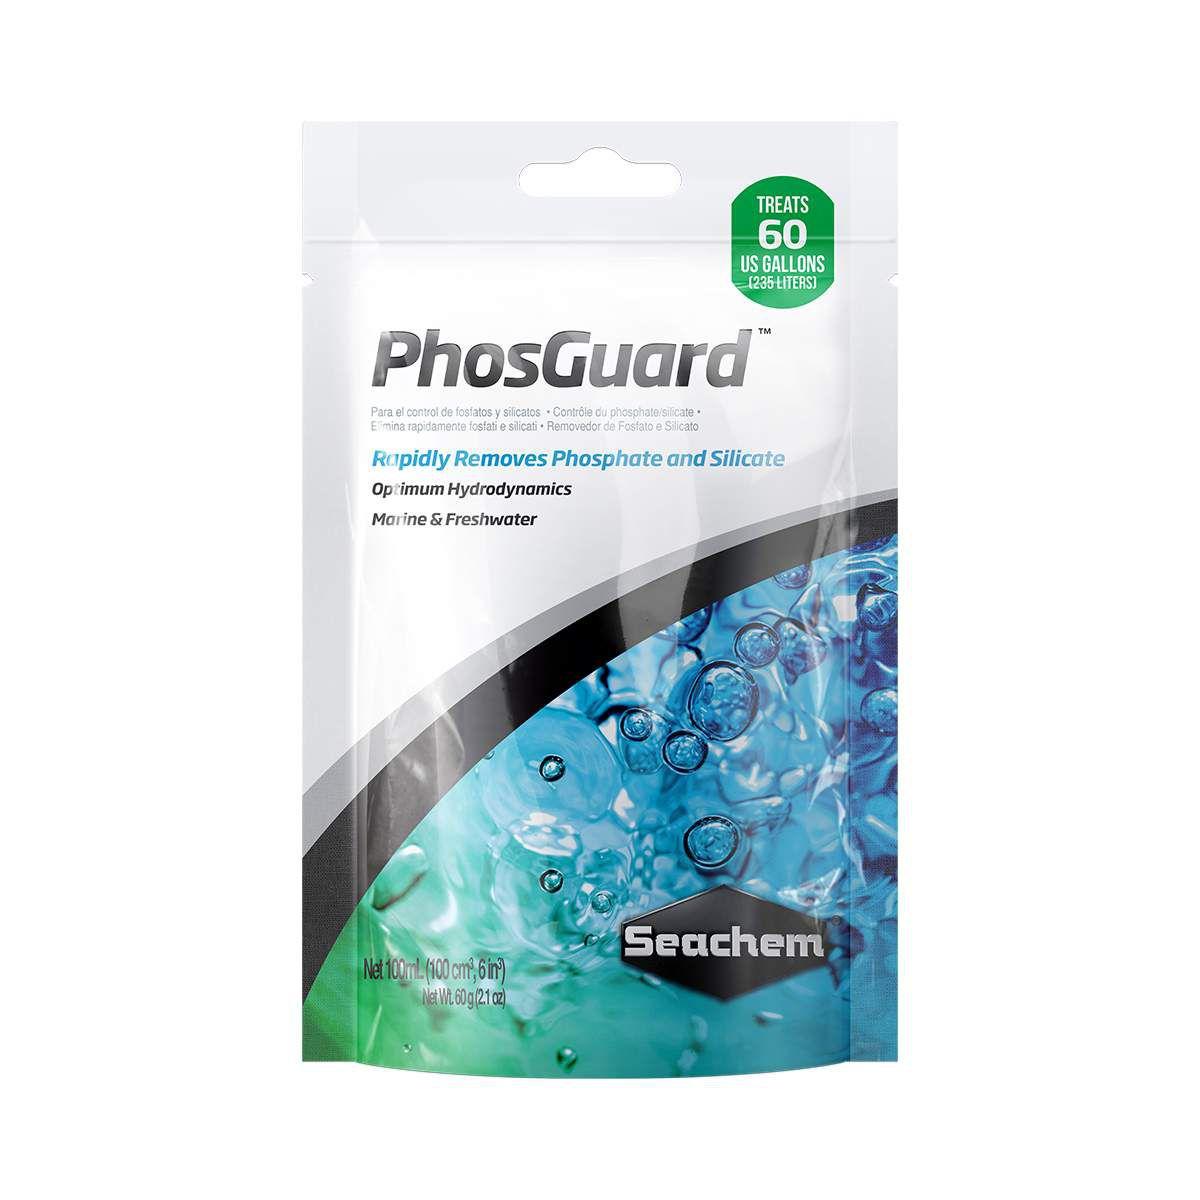 Seachem Phosguard 100ml Removedor de Fosfato para Aquários